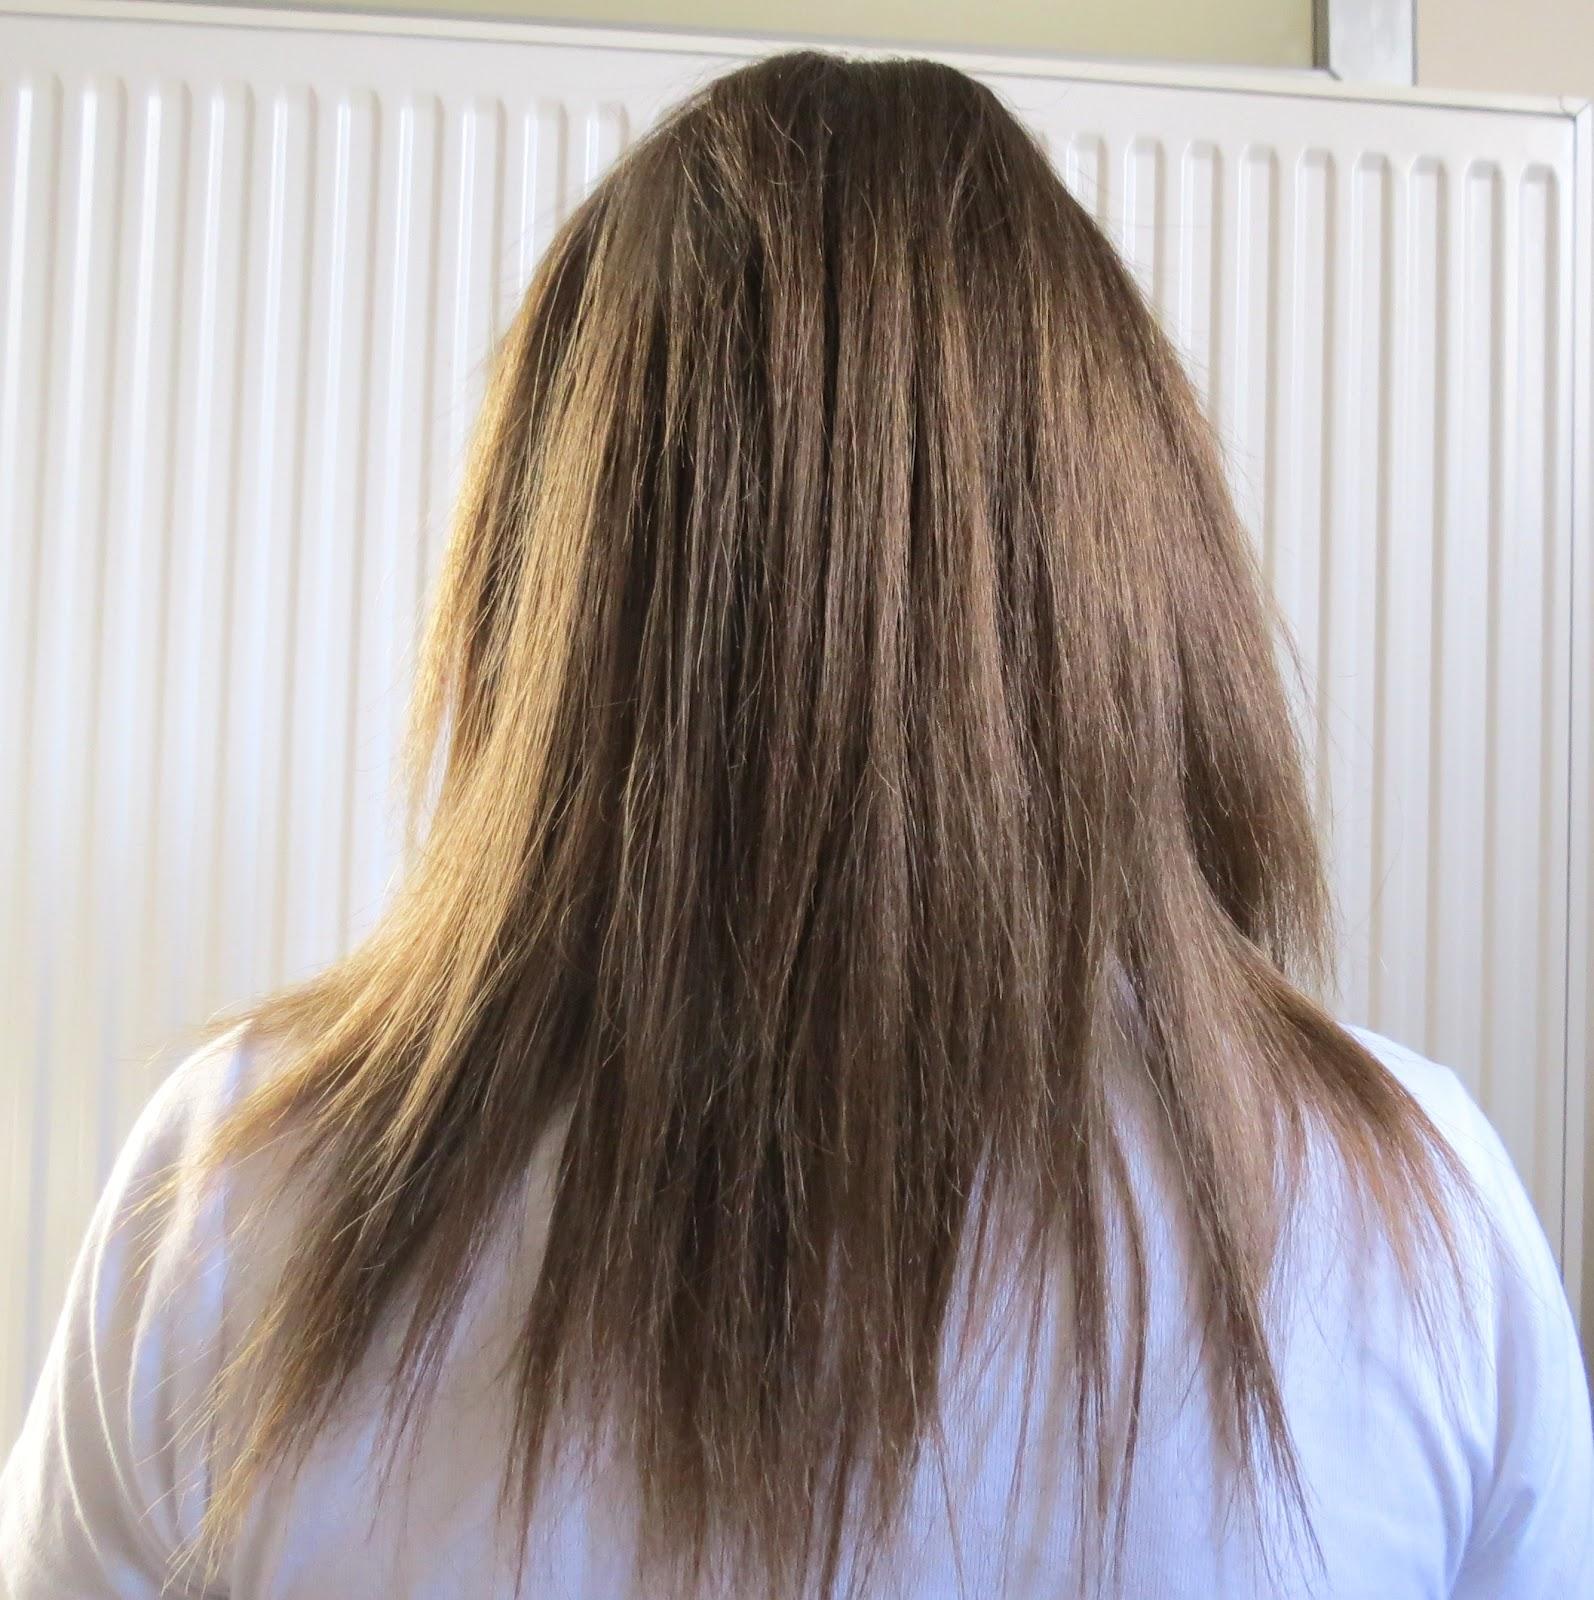 صورة الشعر الجاف وعلاجه , طريقة علاج الشعر الجاف جديد